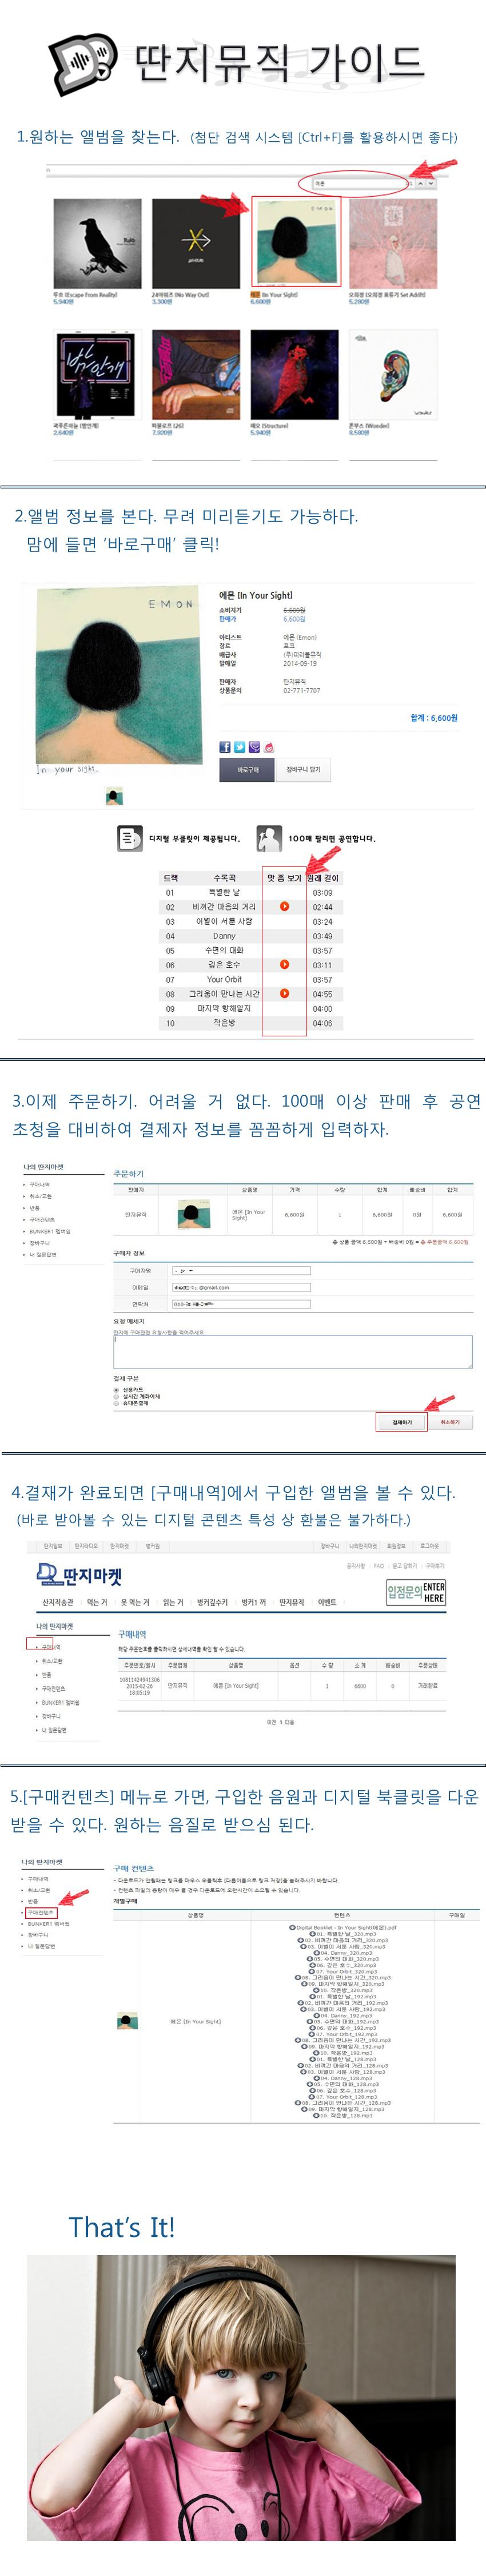 딴지뮤직이용가이드.jpg